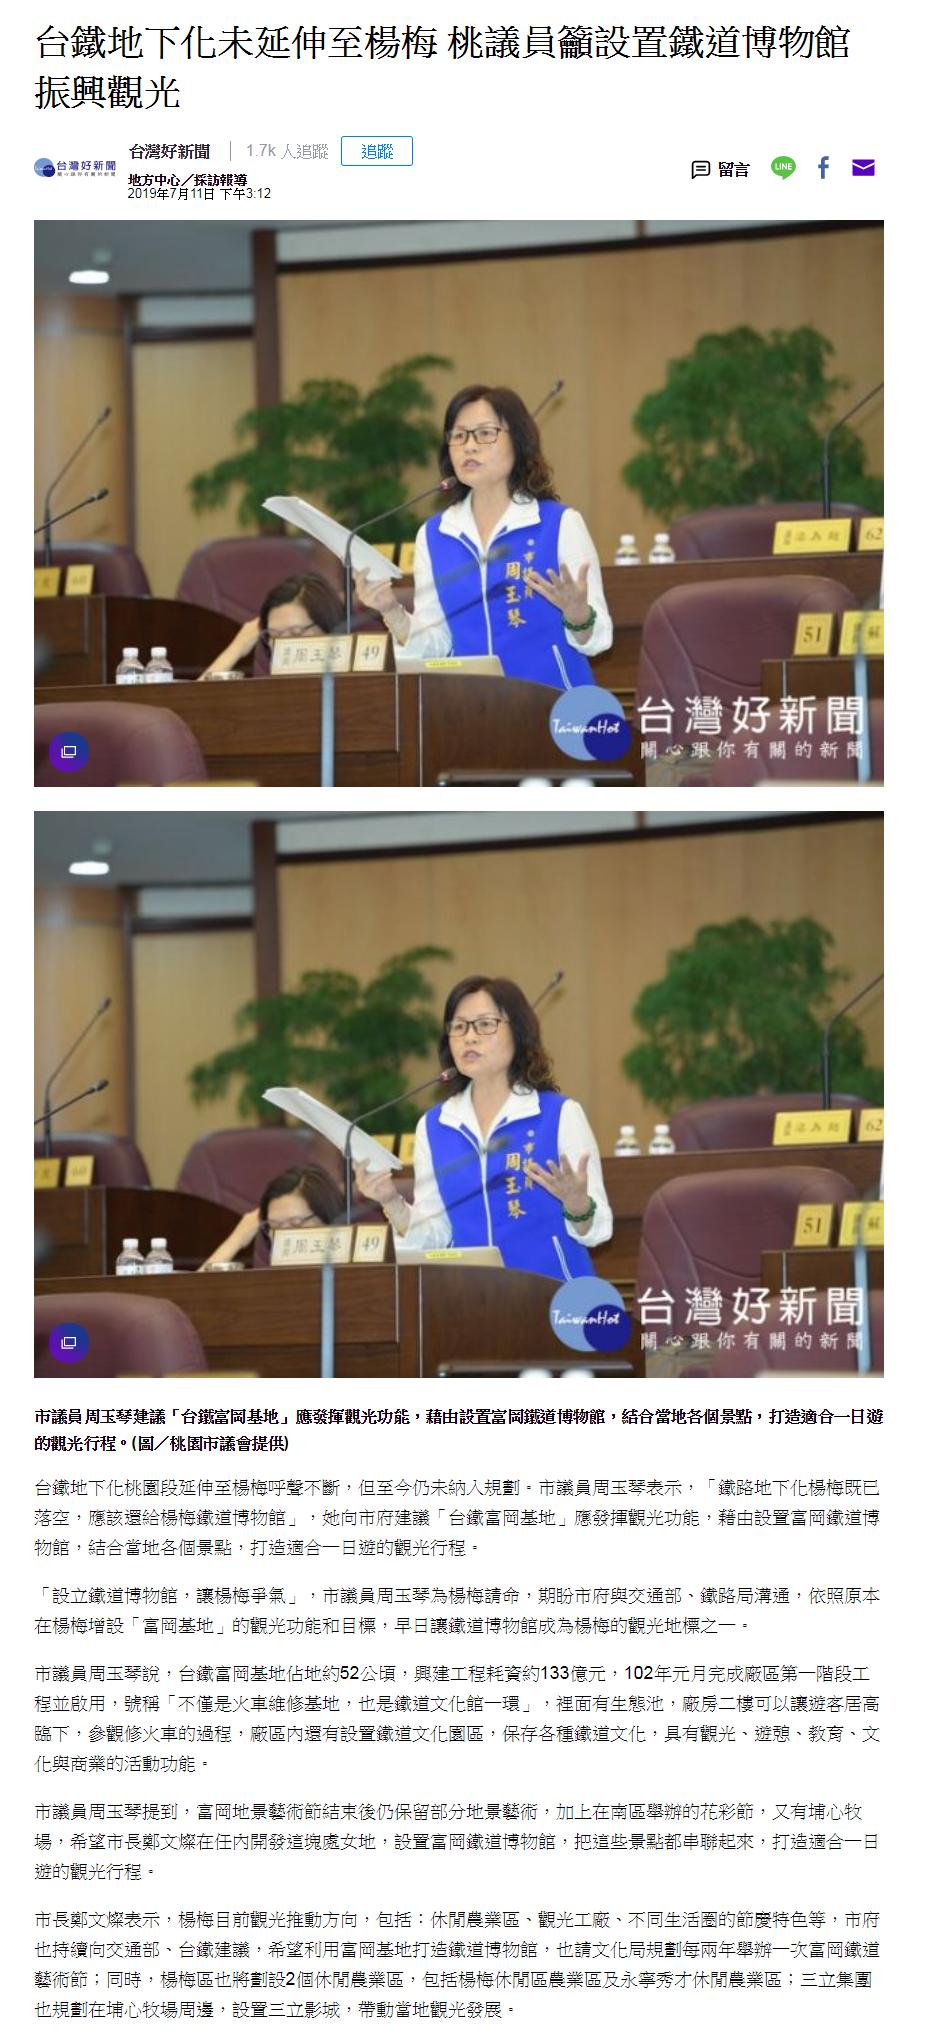 台鐵地下化未延伸至楊梅 桃議員籲設置鐵道博物館振興觀光